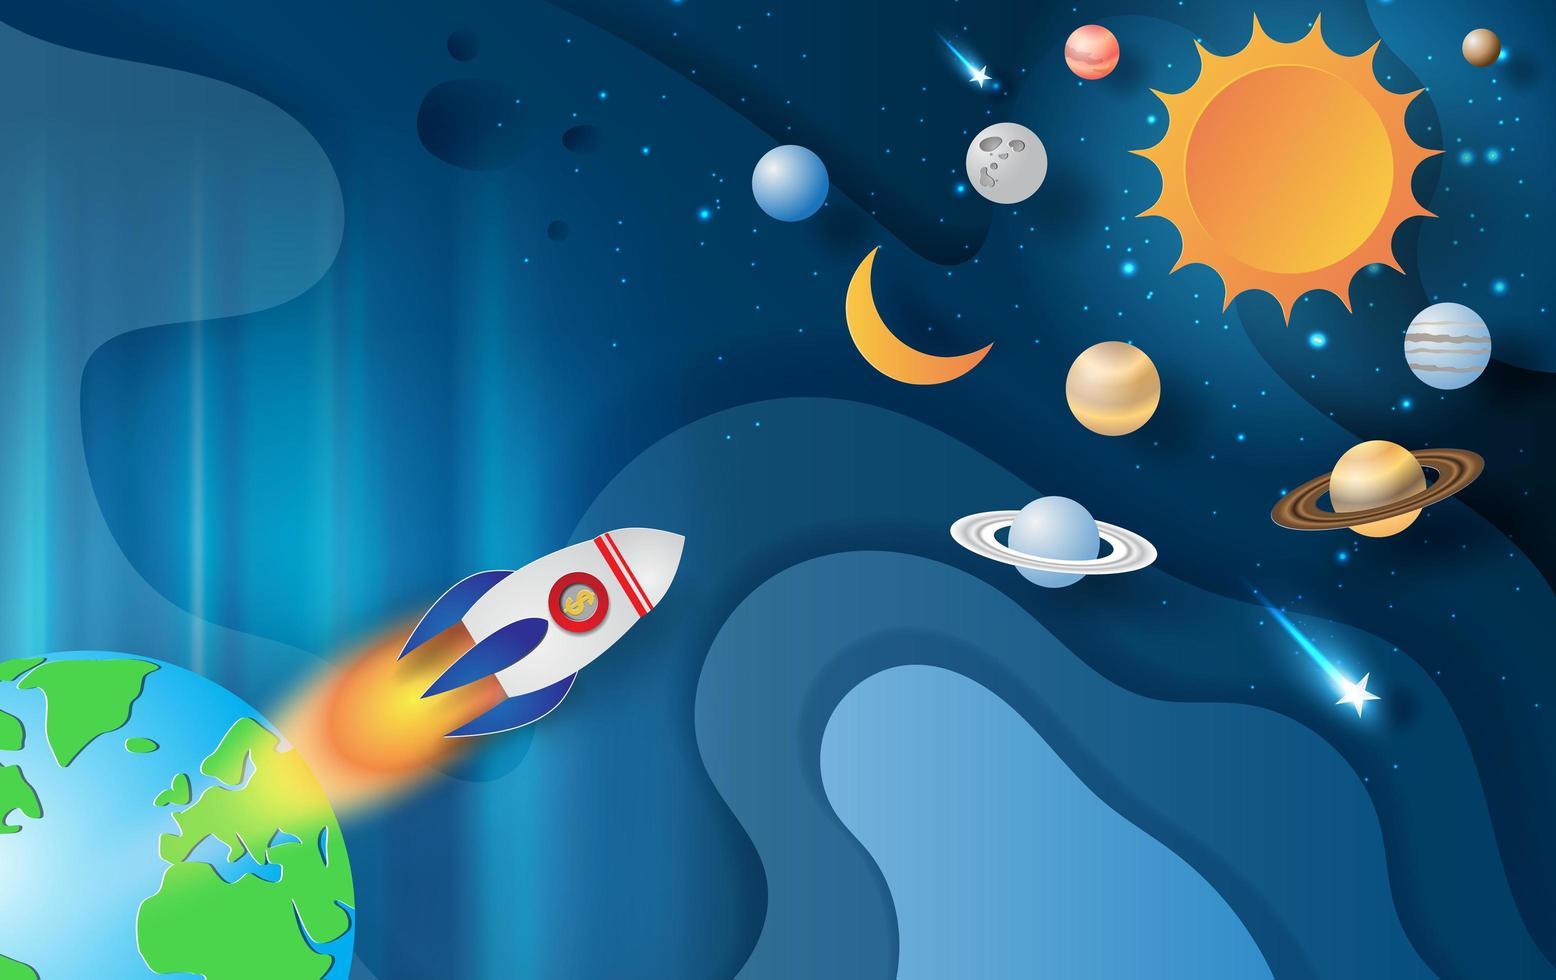 banner di arte di carta con lancio di razzi e galassia spaziale vettore